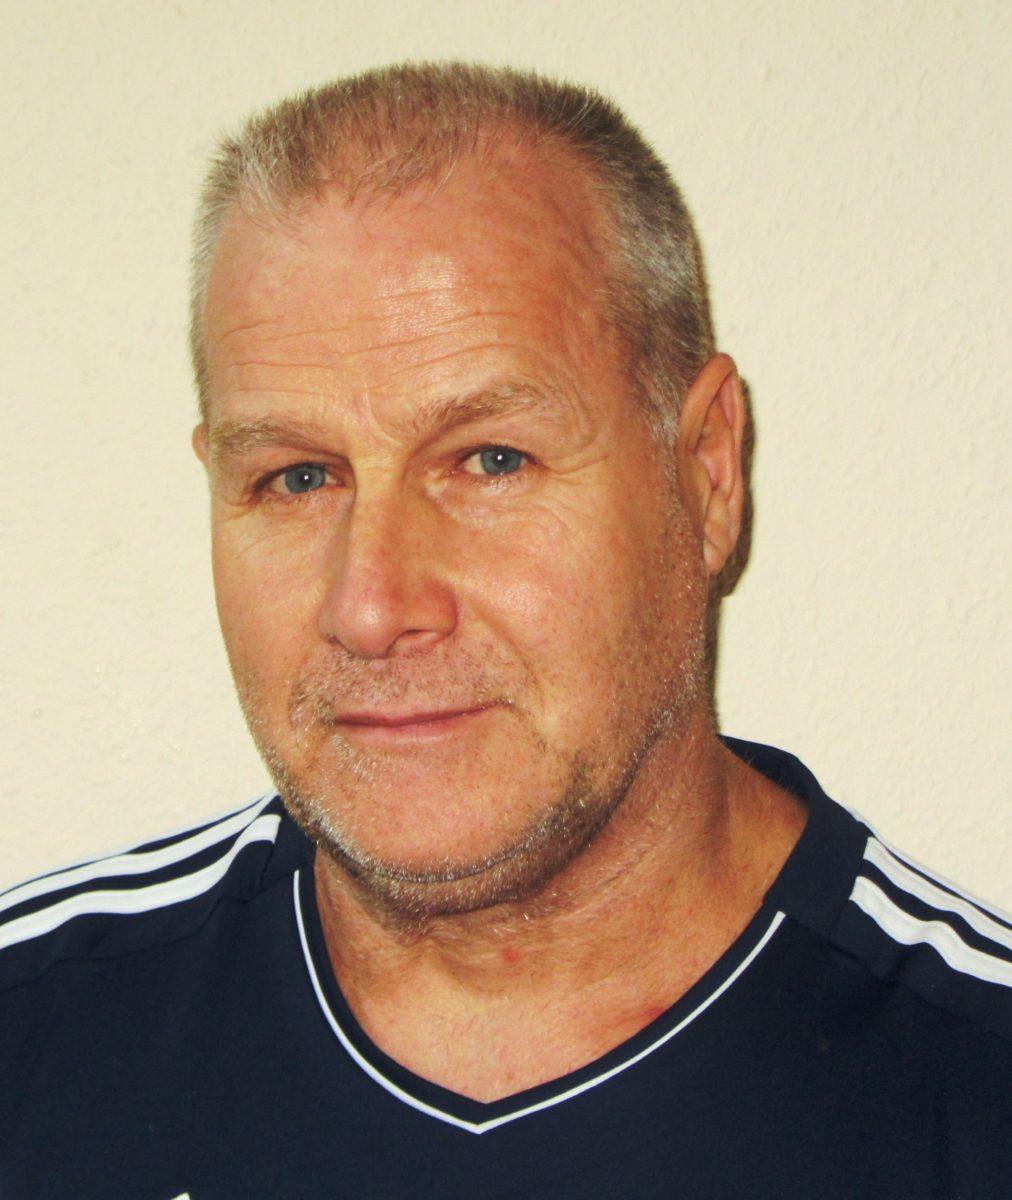 Axel Verhagen